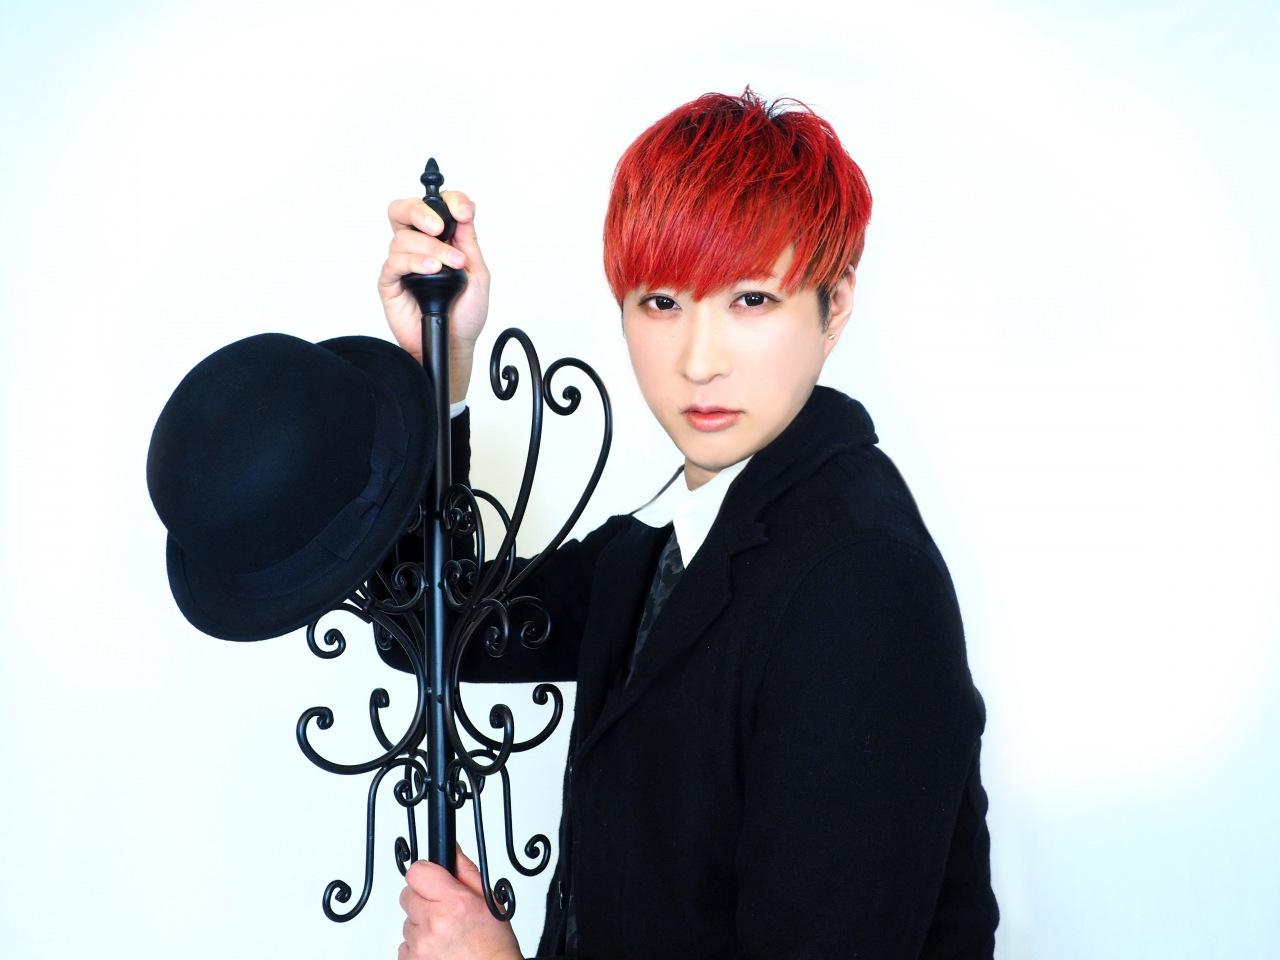 ゲイアイドル、ニ丁ハロが改名!新グループ名は「二丁目の魁(さきがけ)カミングアウト」新メンバー追加も発表